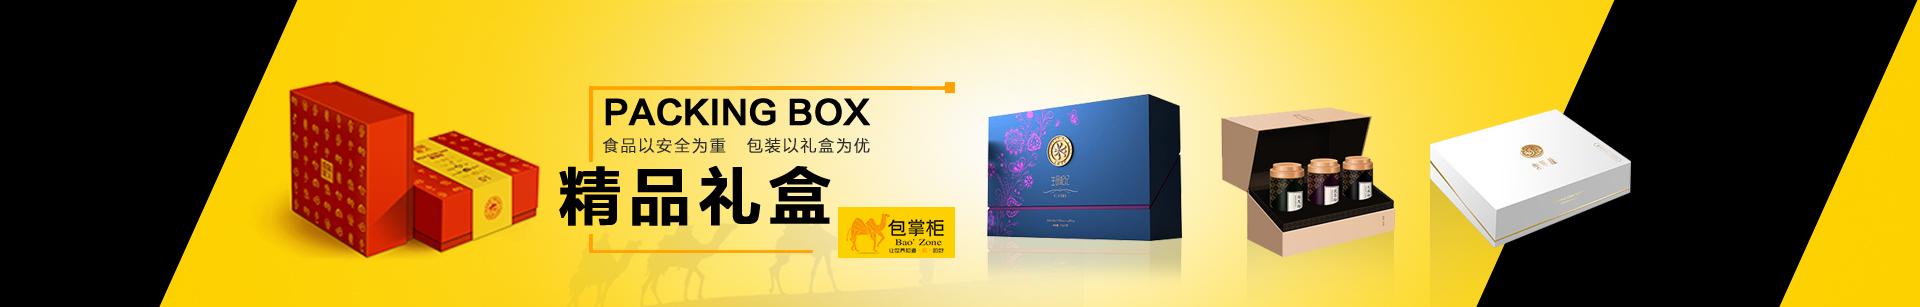 包掌柜纸盒包装定制